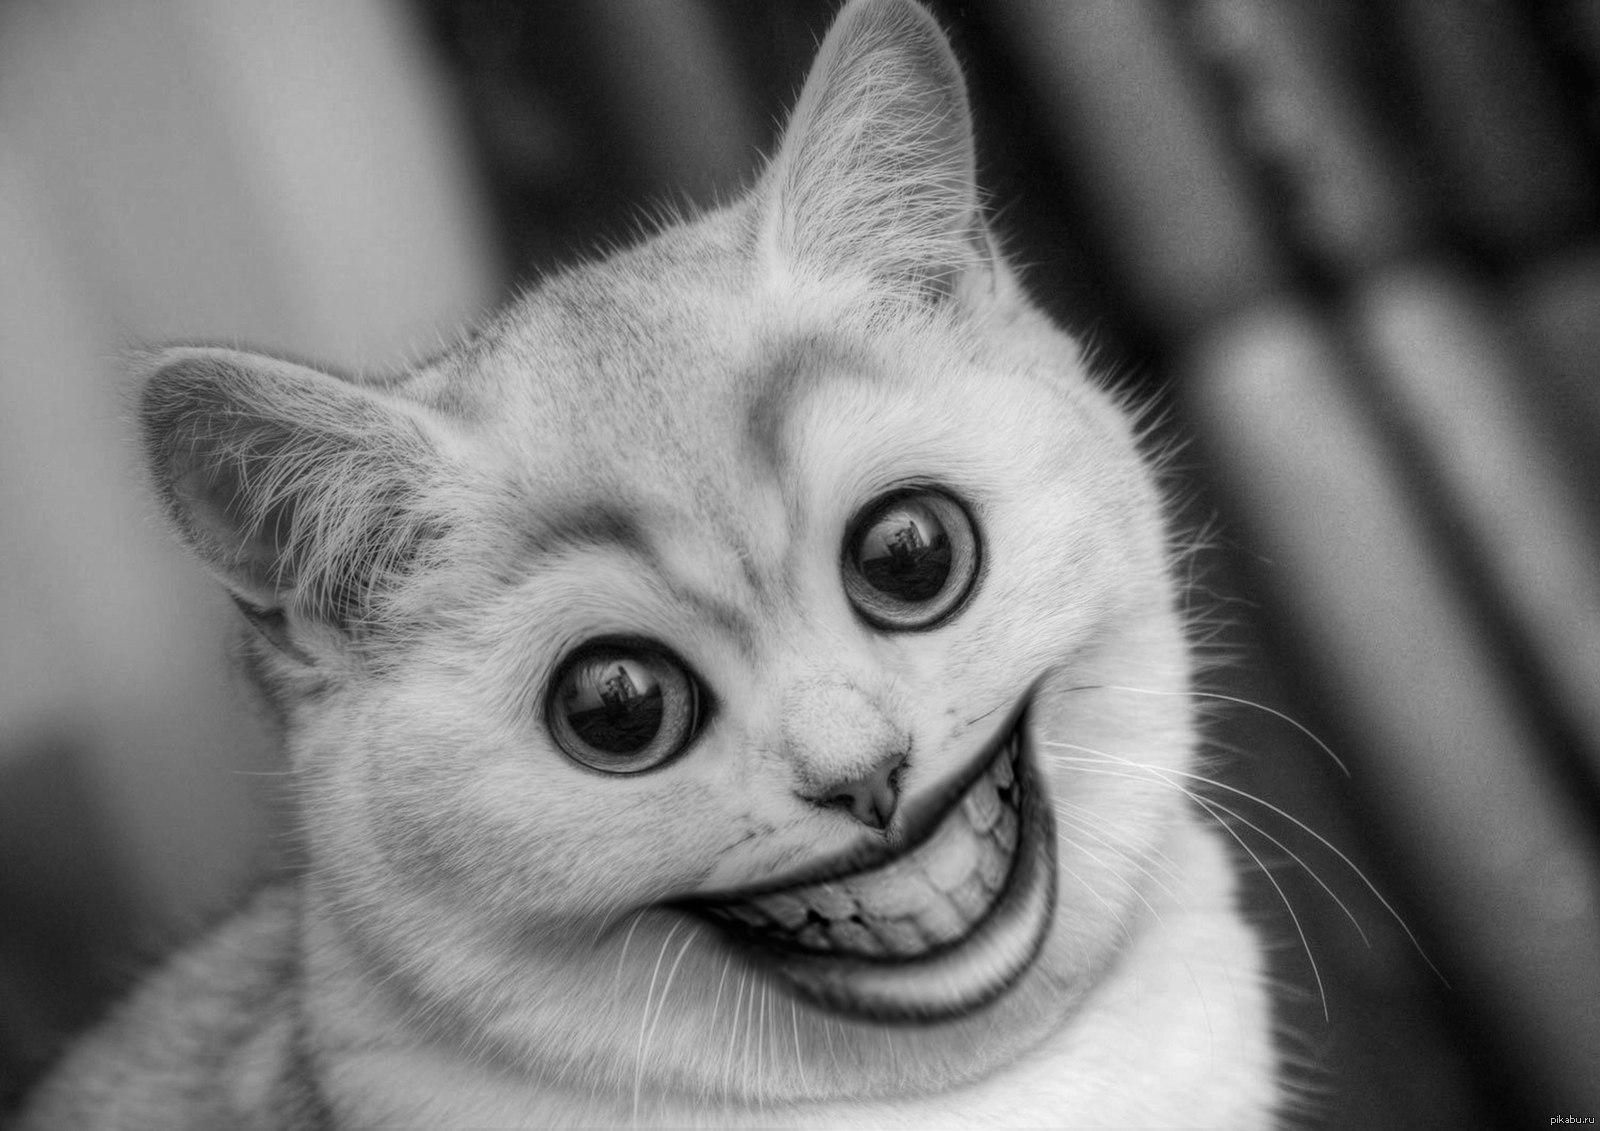 Картинках приколы, смешные картинки вк с животными